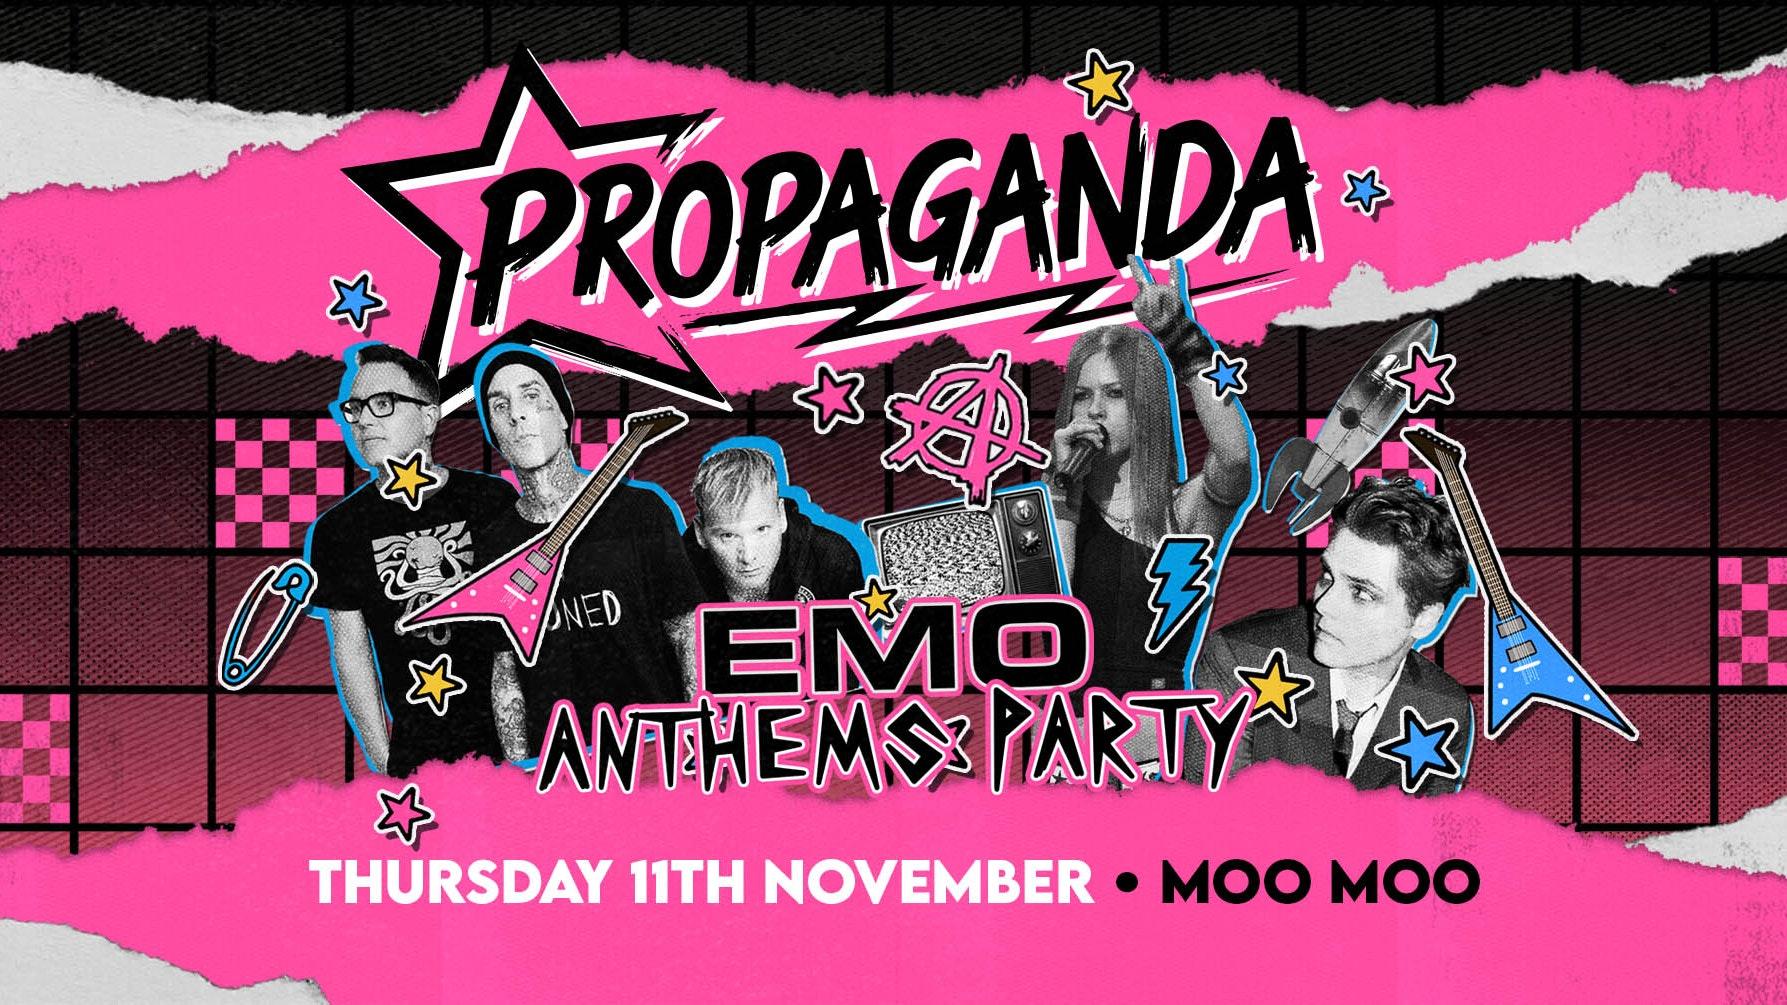 Propaganda Cheltenham  – Emo Anthems Party!